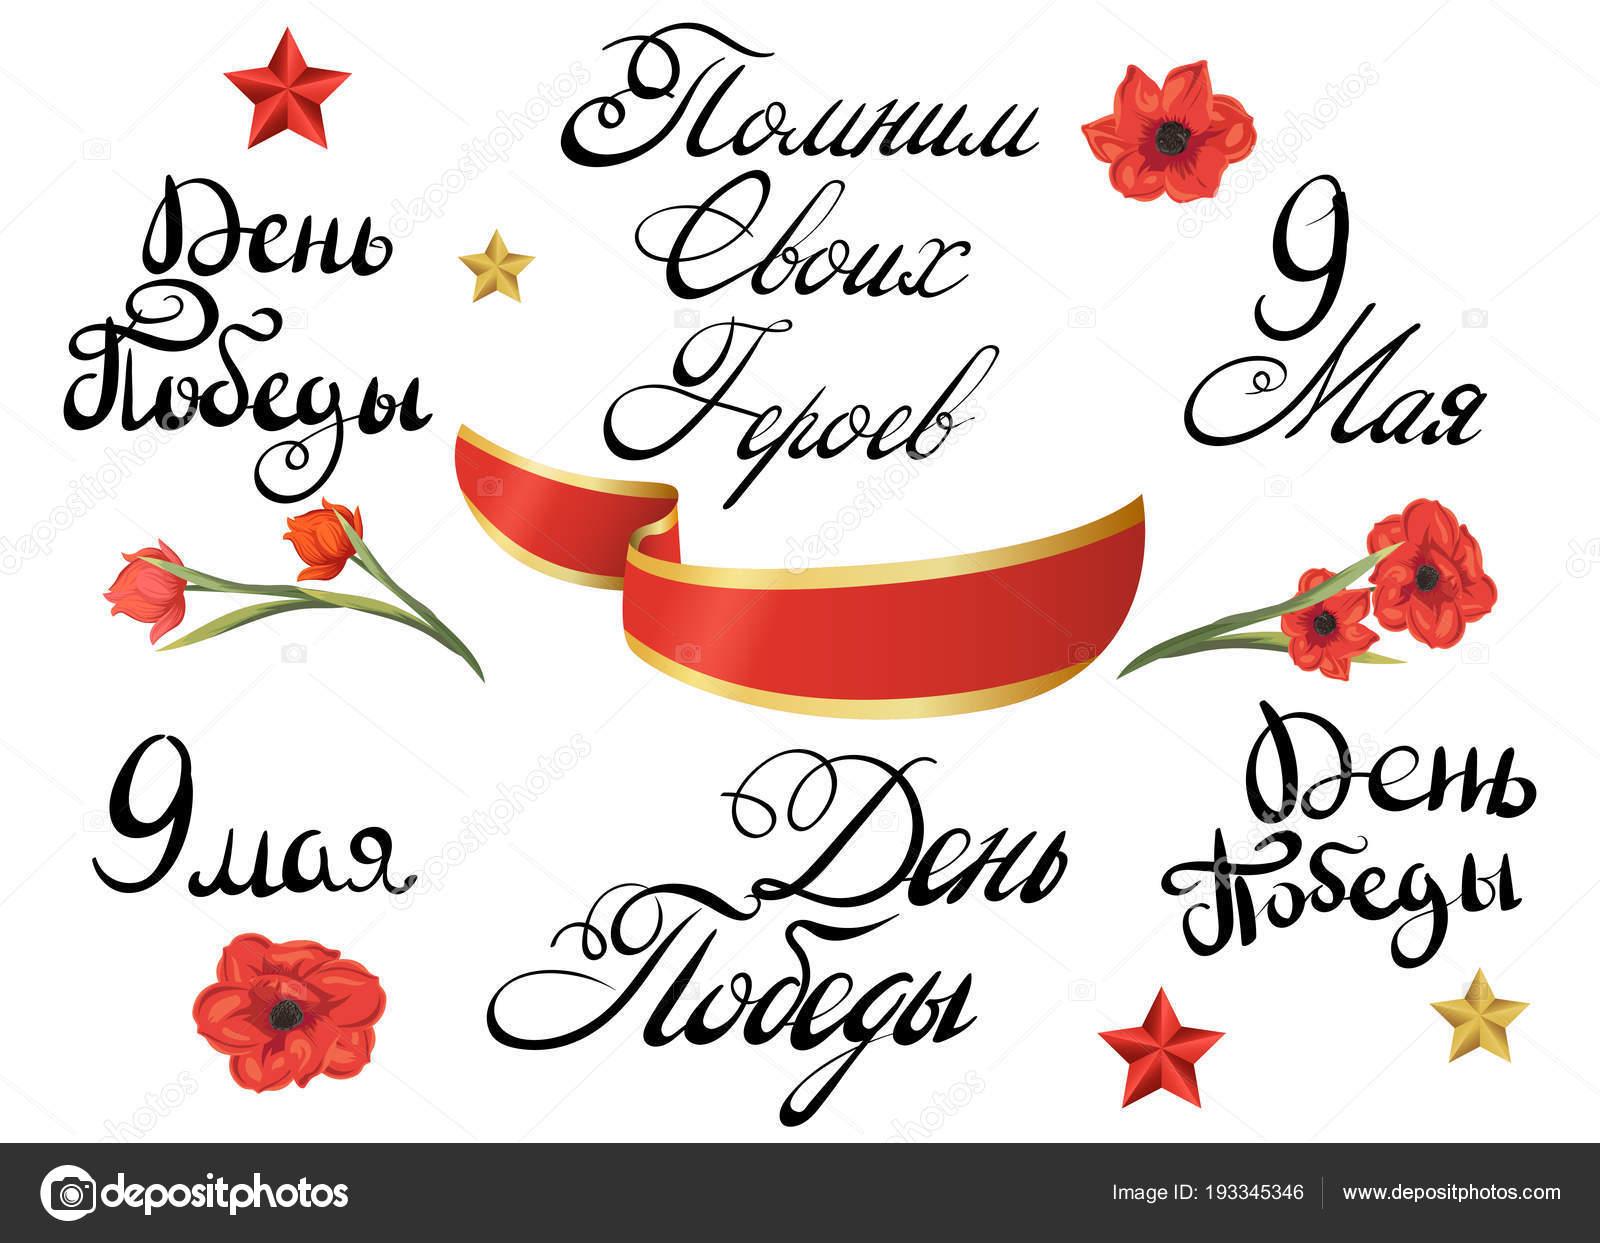 Felicidades Letras Para Colorear Día Victoria Mayo Letras